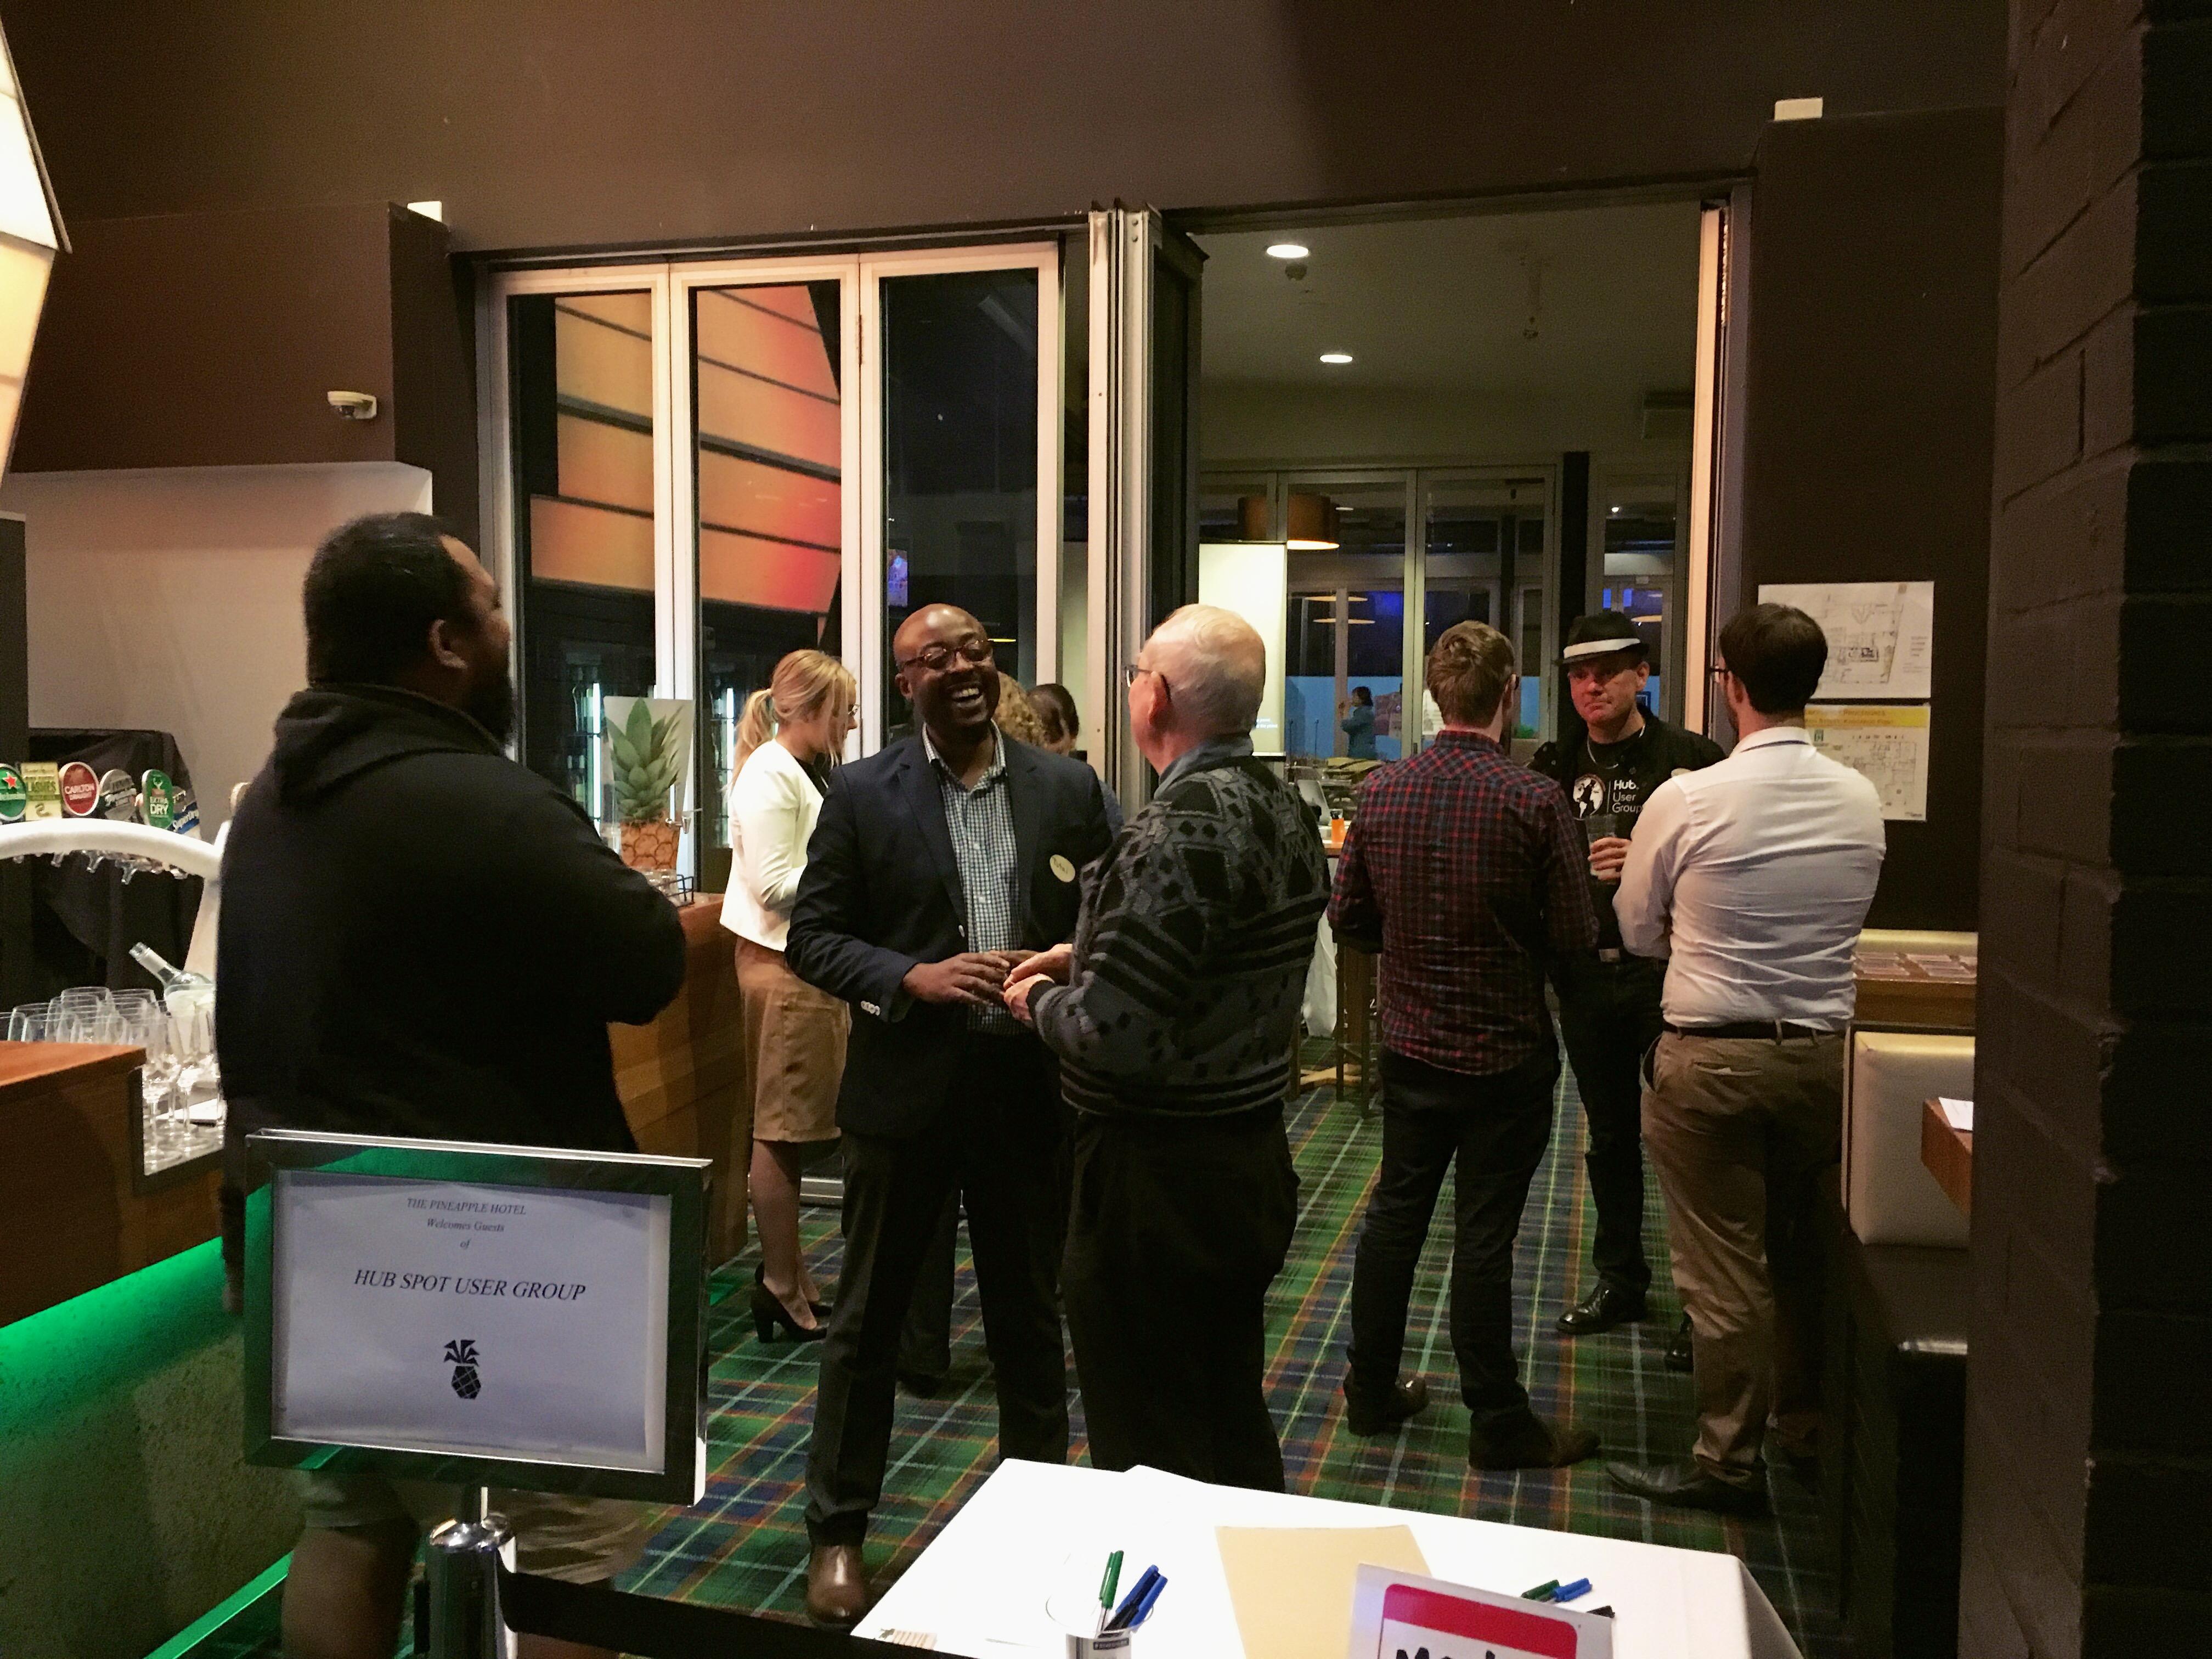 Brisbane_HUG_MeetUp_Pineapple_Hotel_July_2016_1.jpg